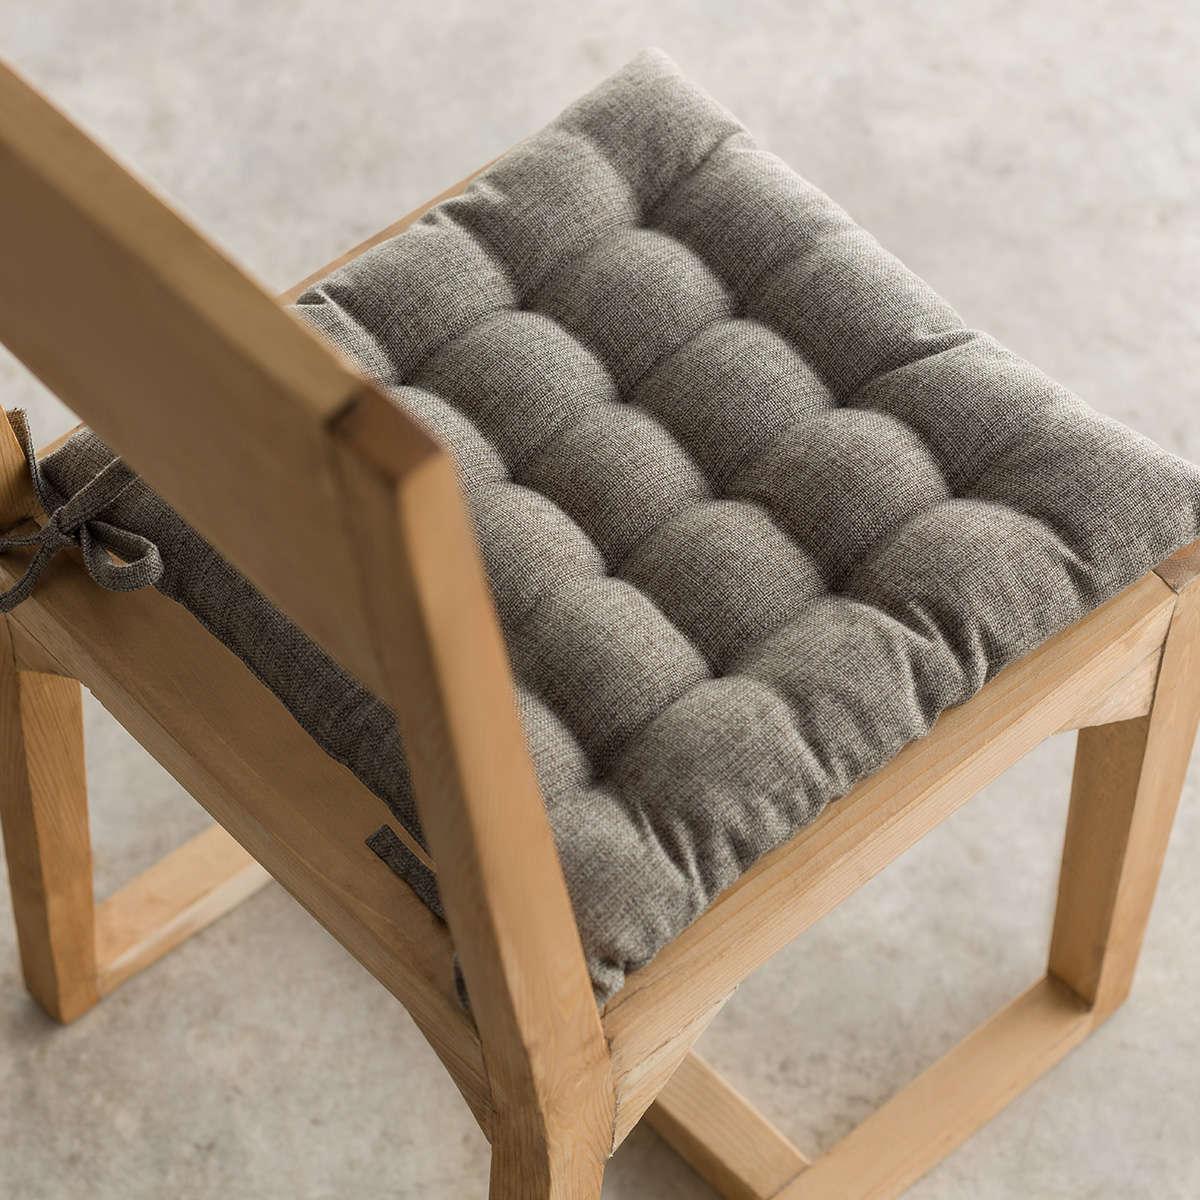 Μαξιλάρι Καρέκλας Hygg Dark Grey 213/14 Gofis Home 40Χ40 40x40cm